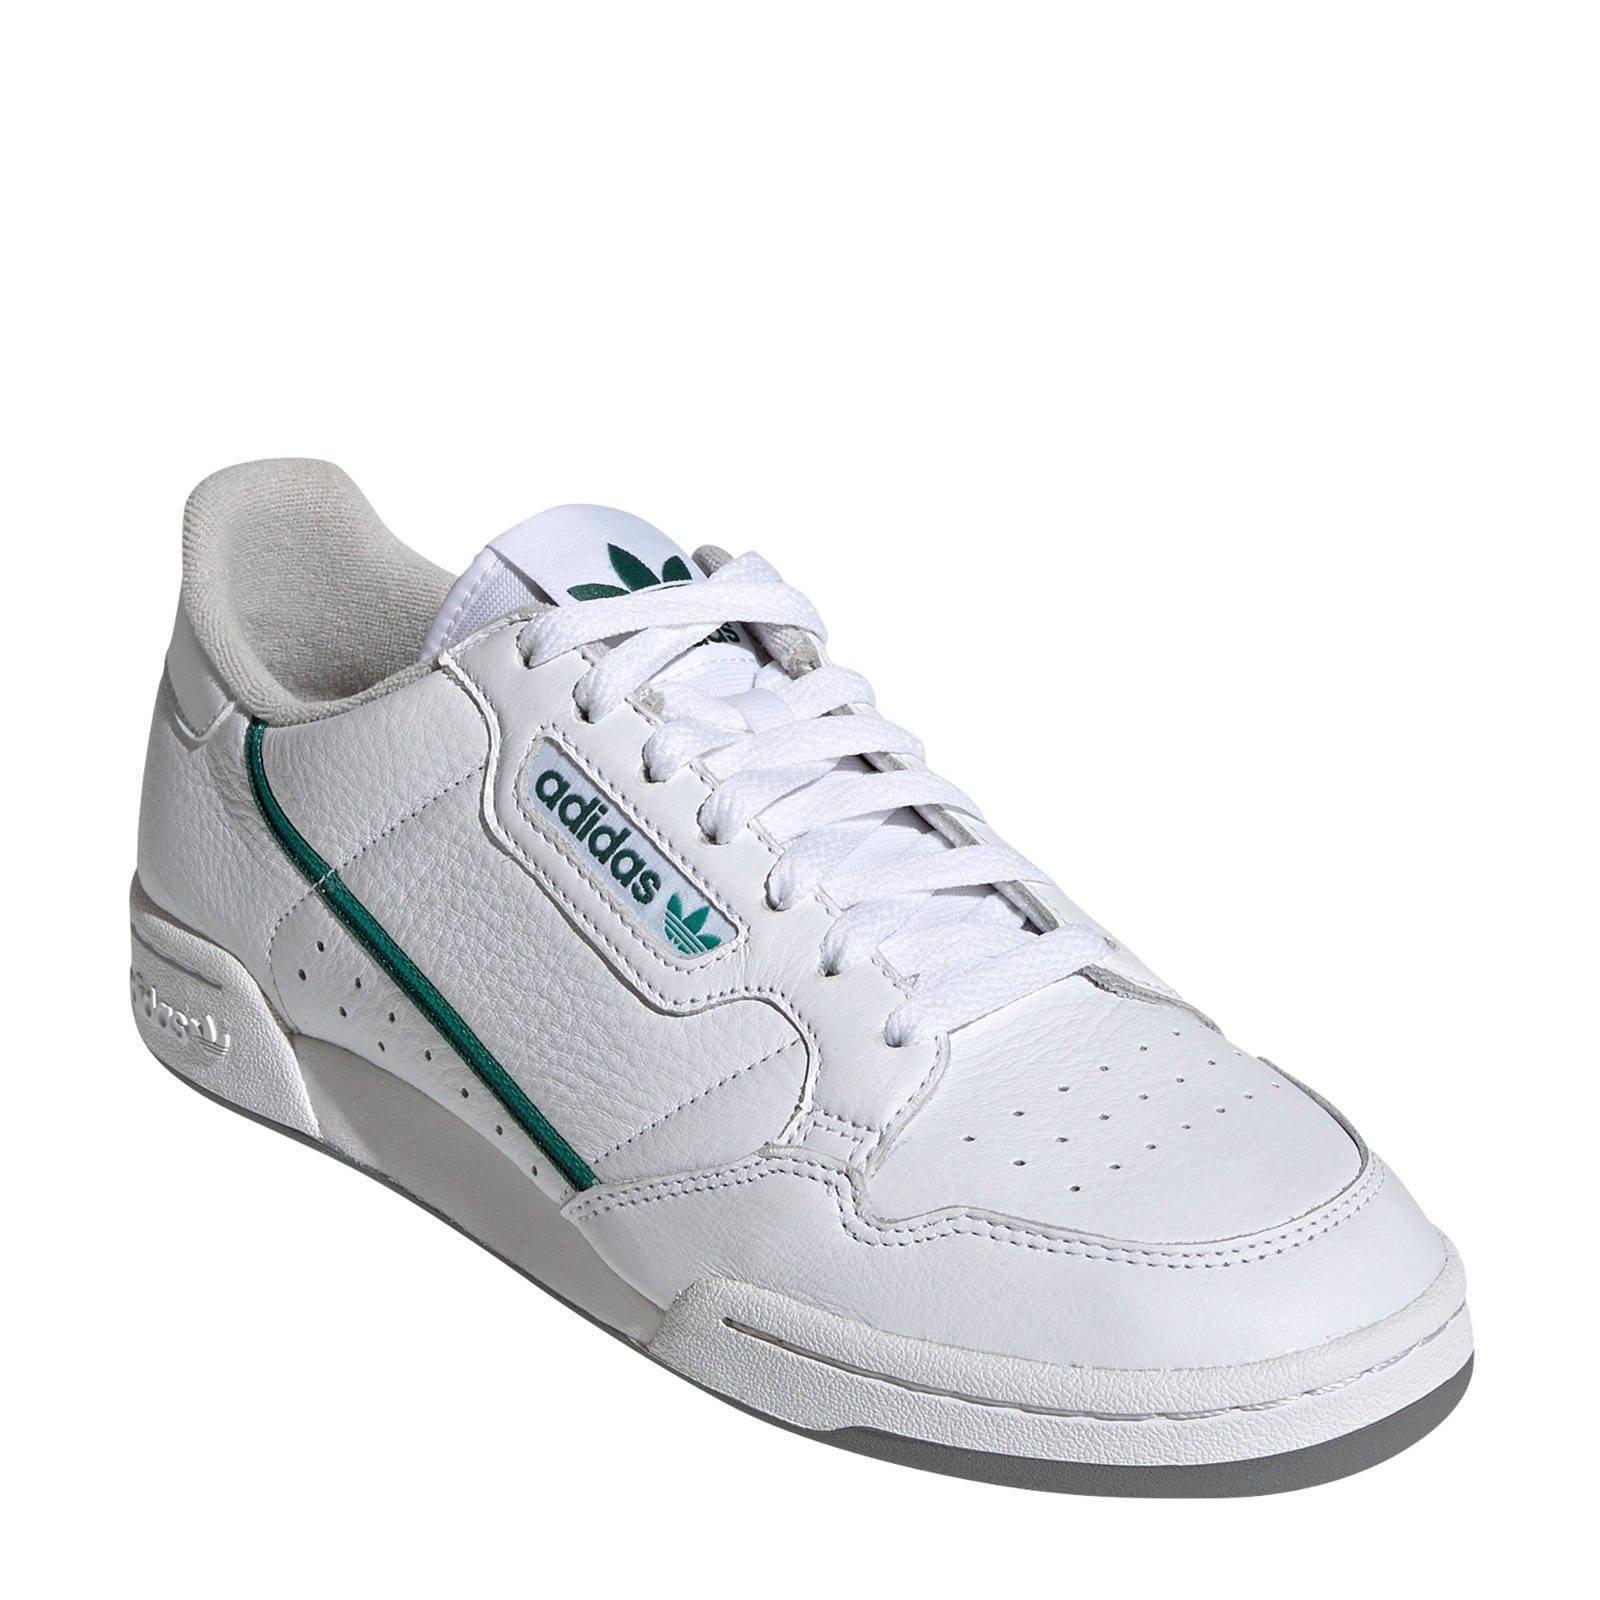 adidas Originals Continental 80 sneakers wit/groen | wehkamp